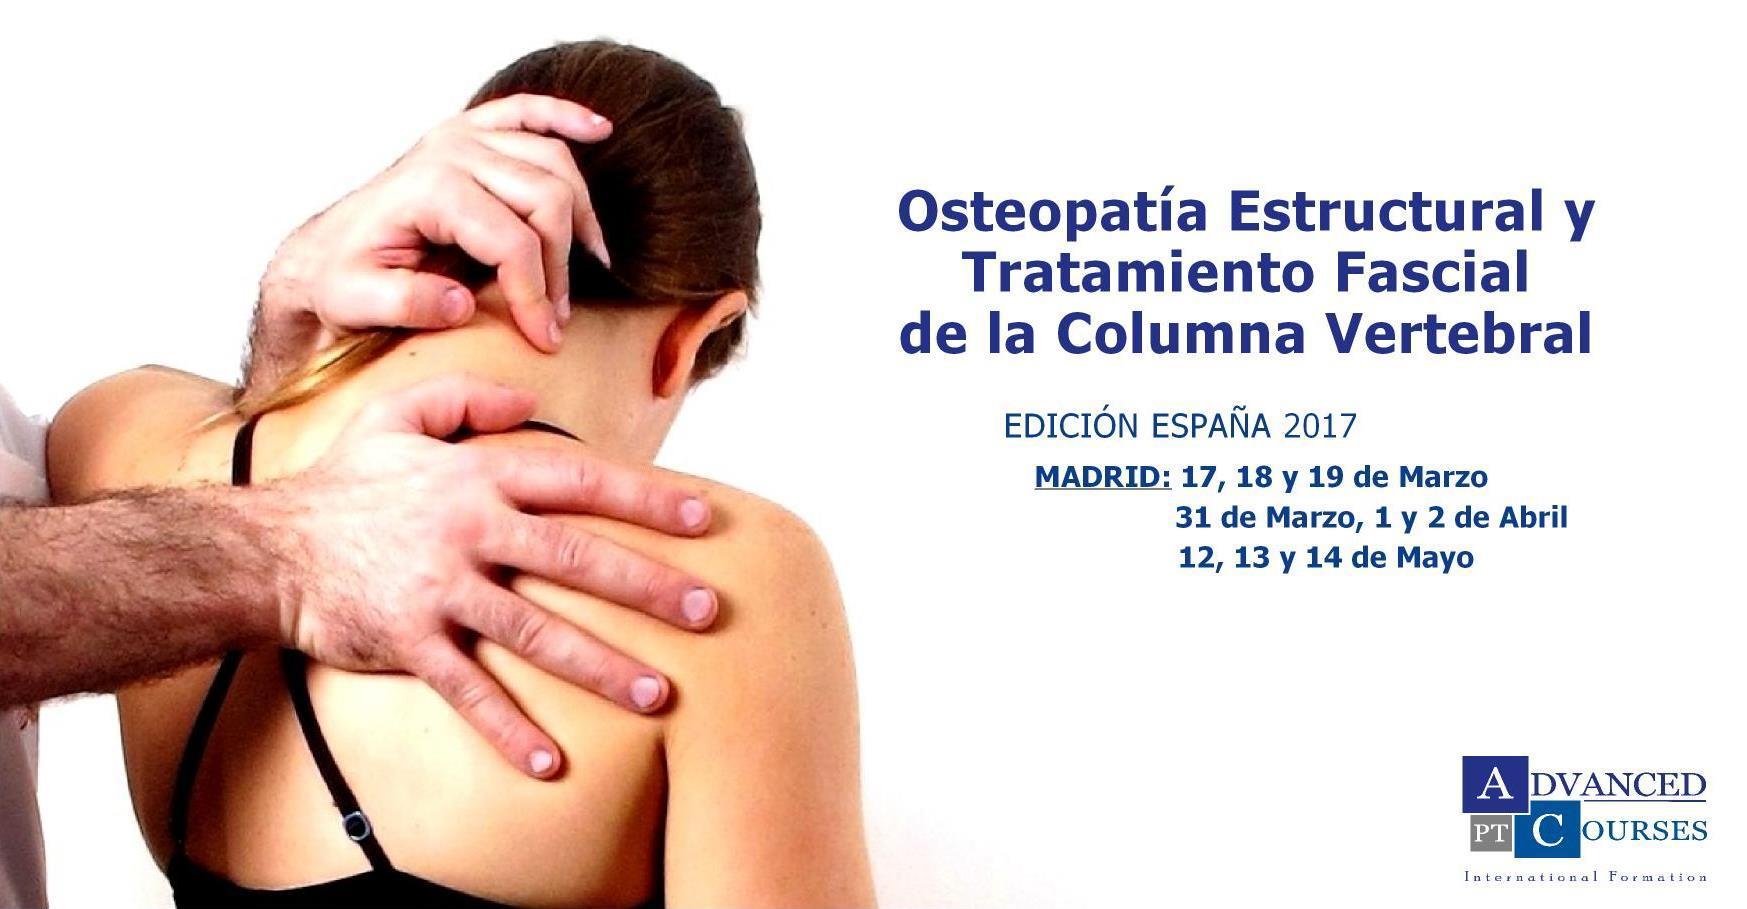 Los sanatorios curan la osteocondrosis